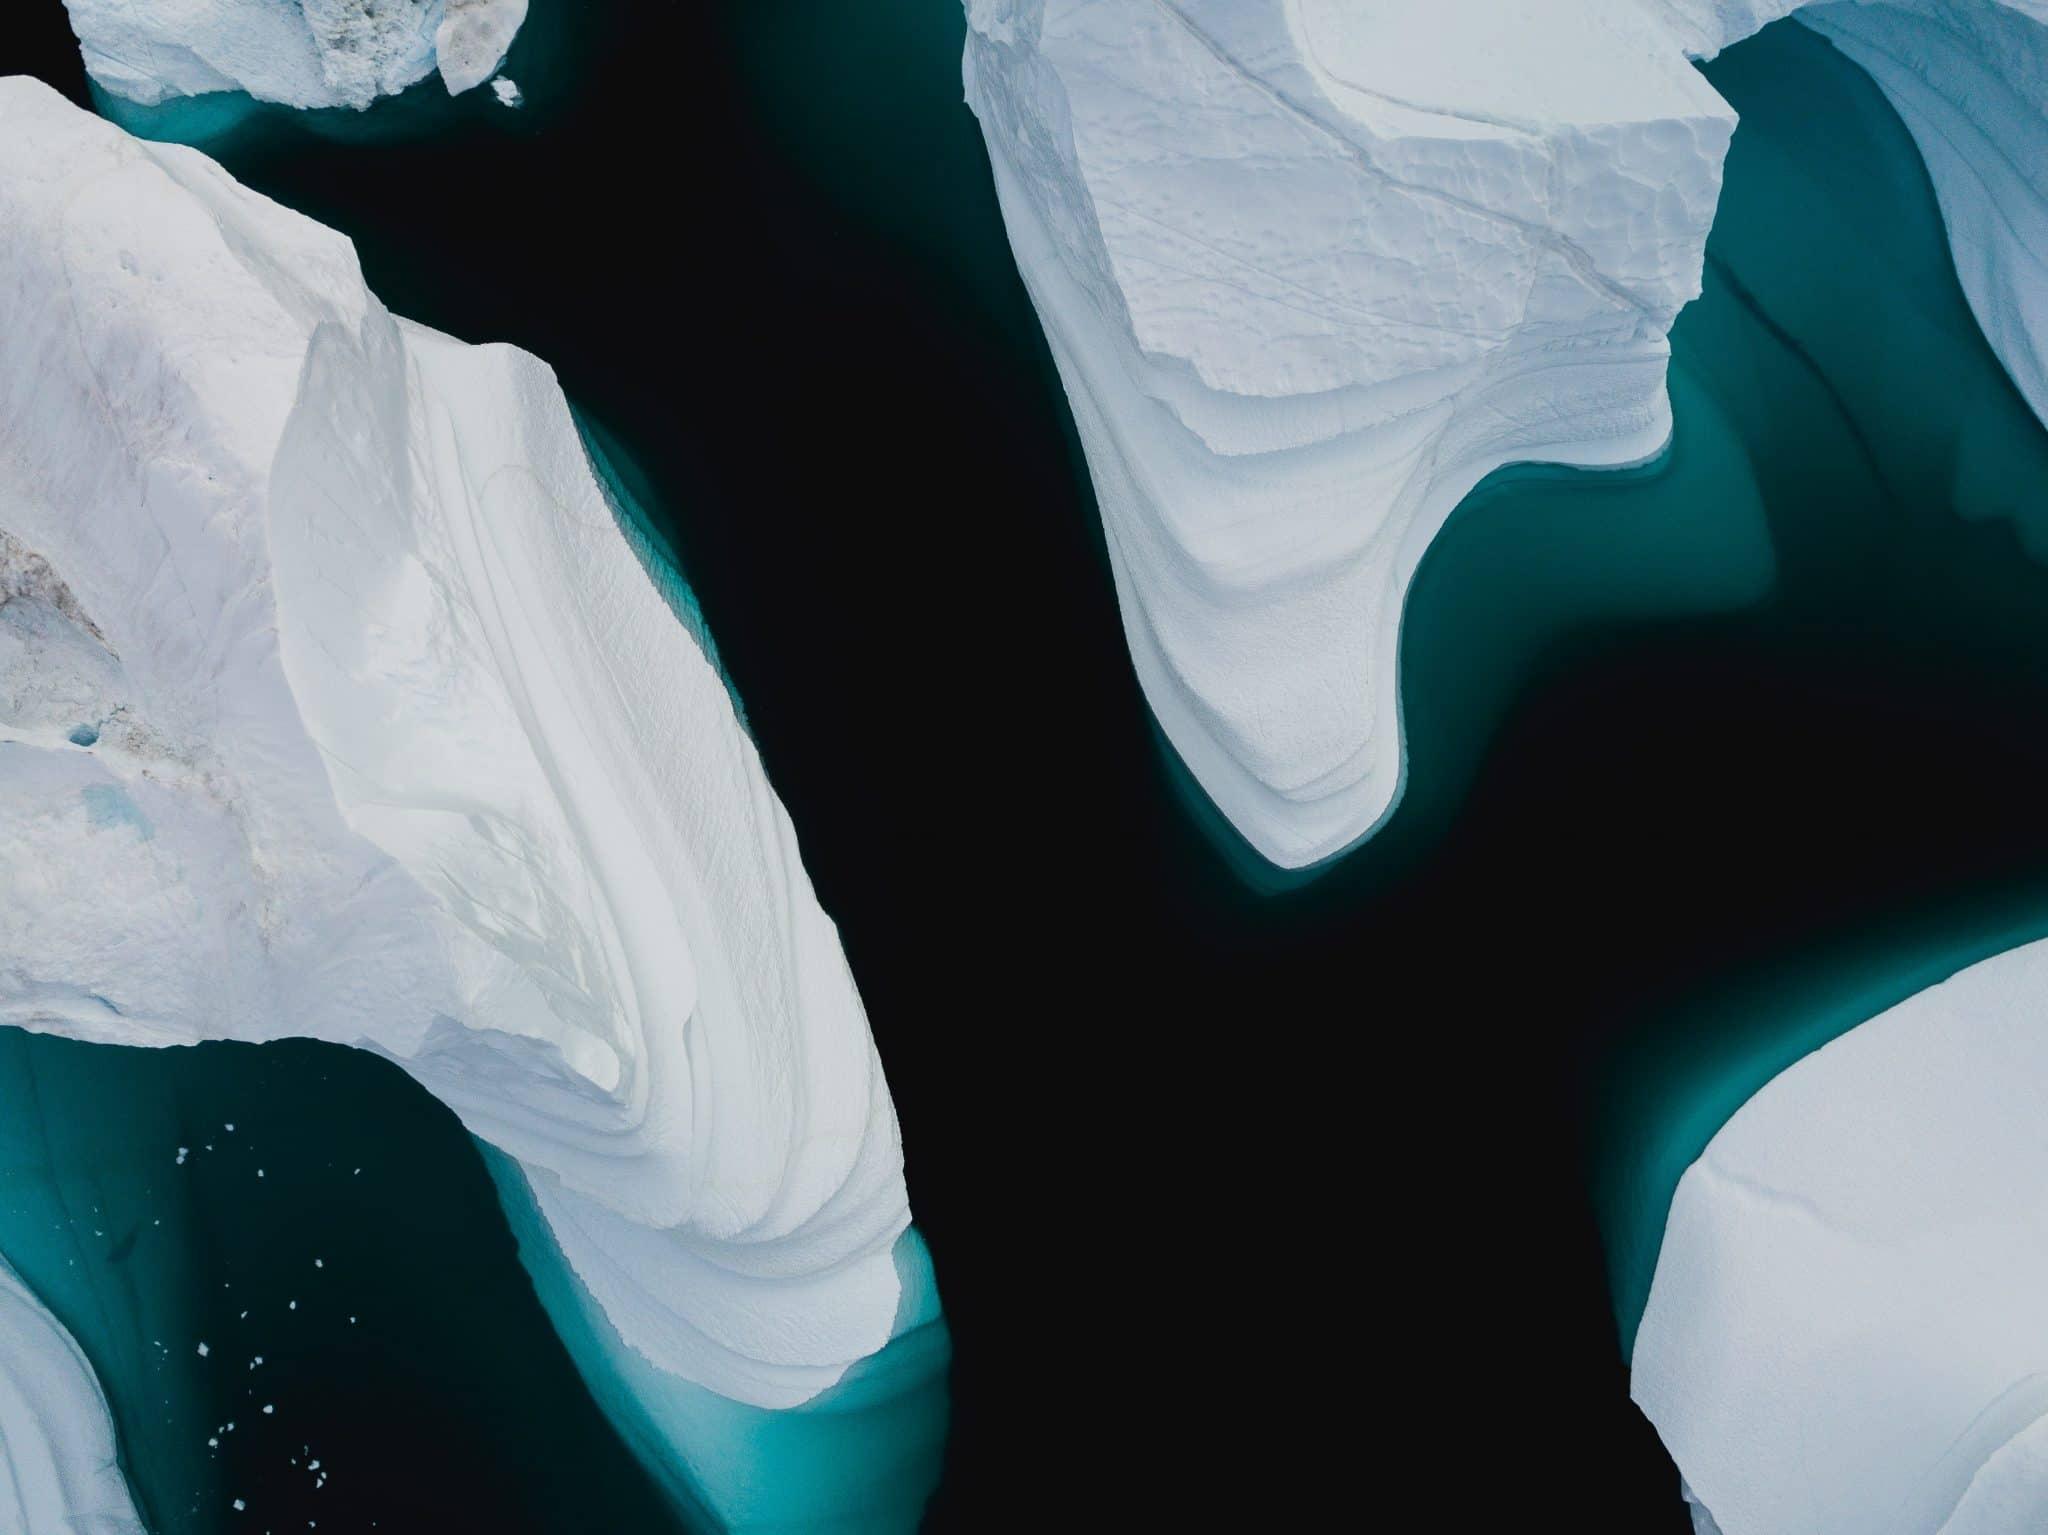 globalis felmelegedes tengervizszint jegolvadas